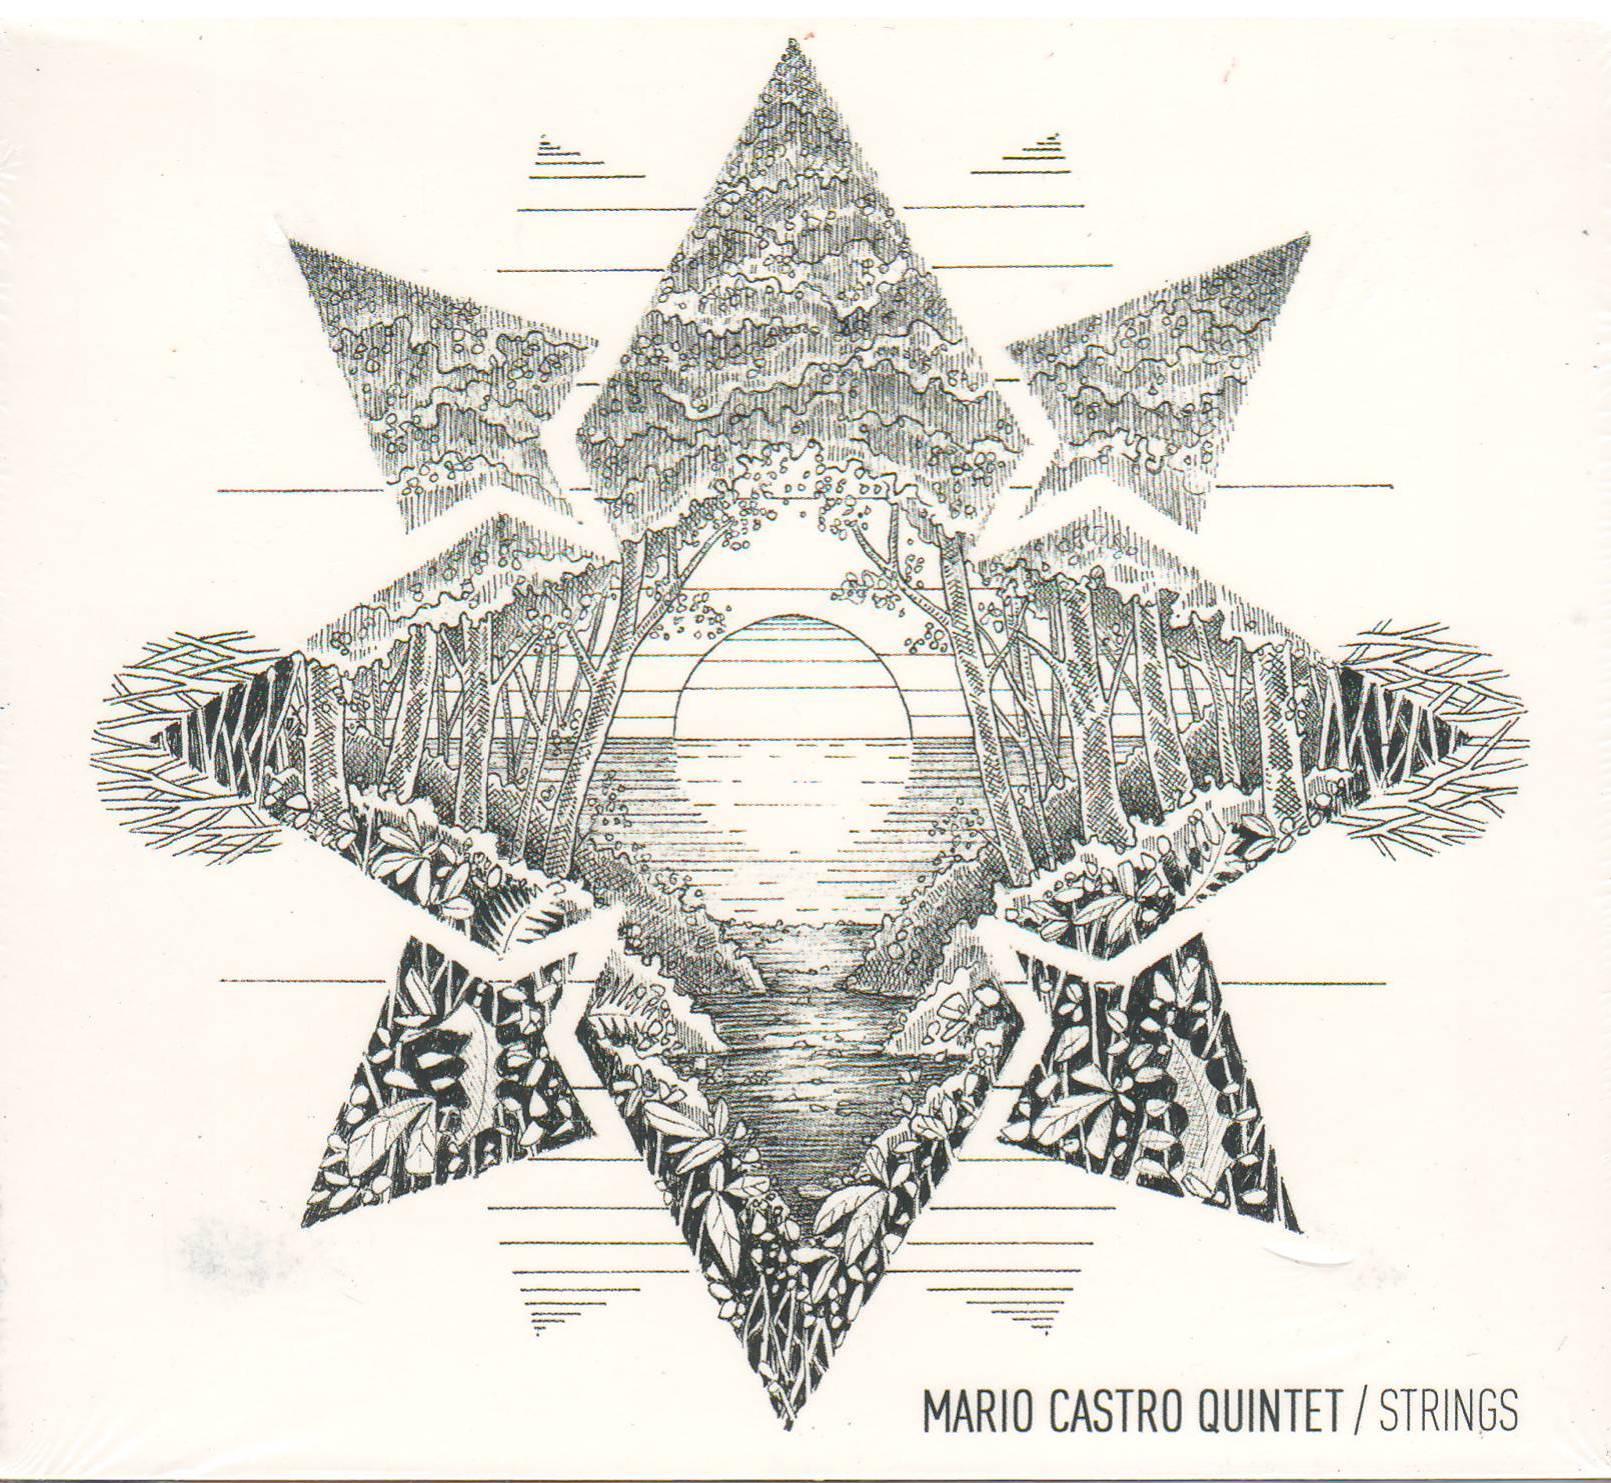 mario castro nieves strings 2014